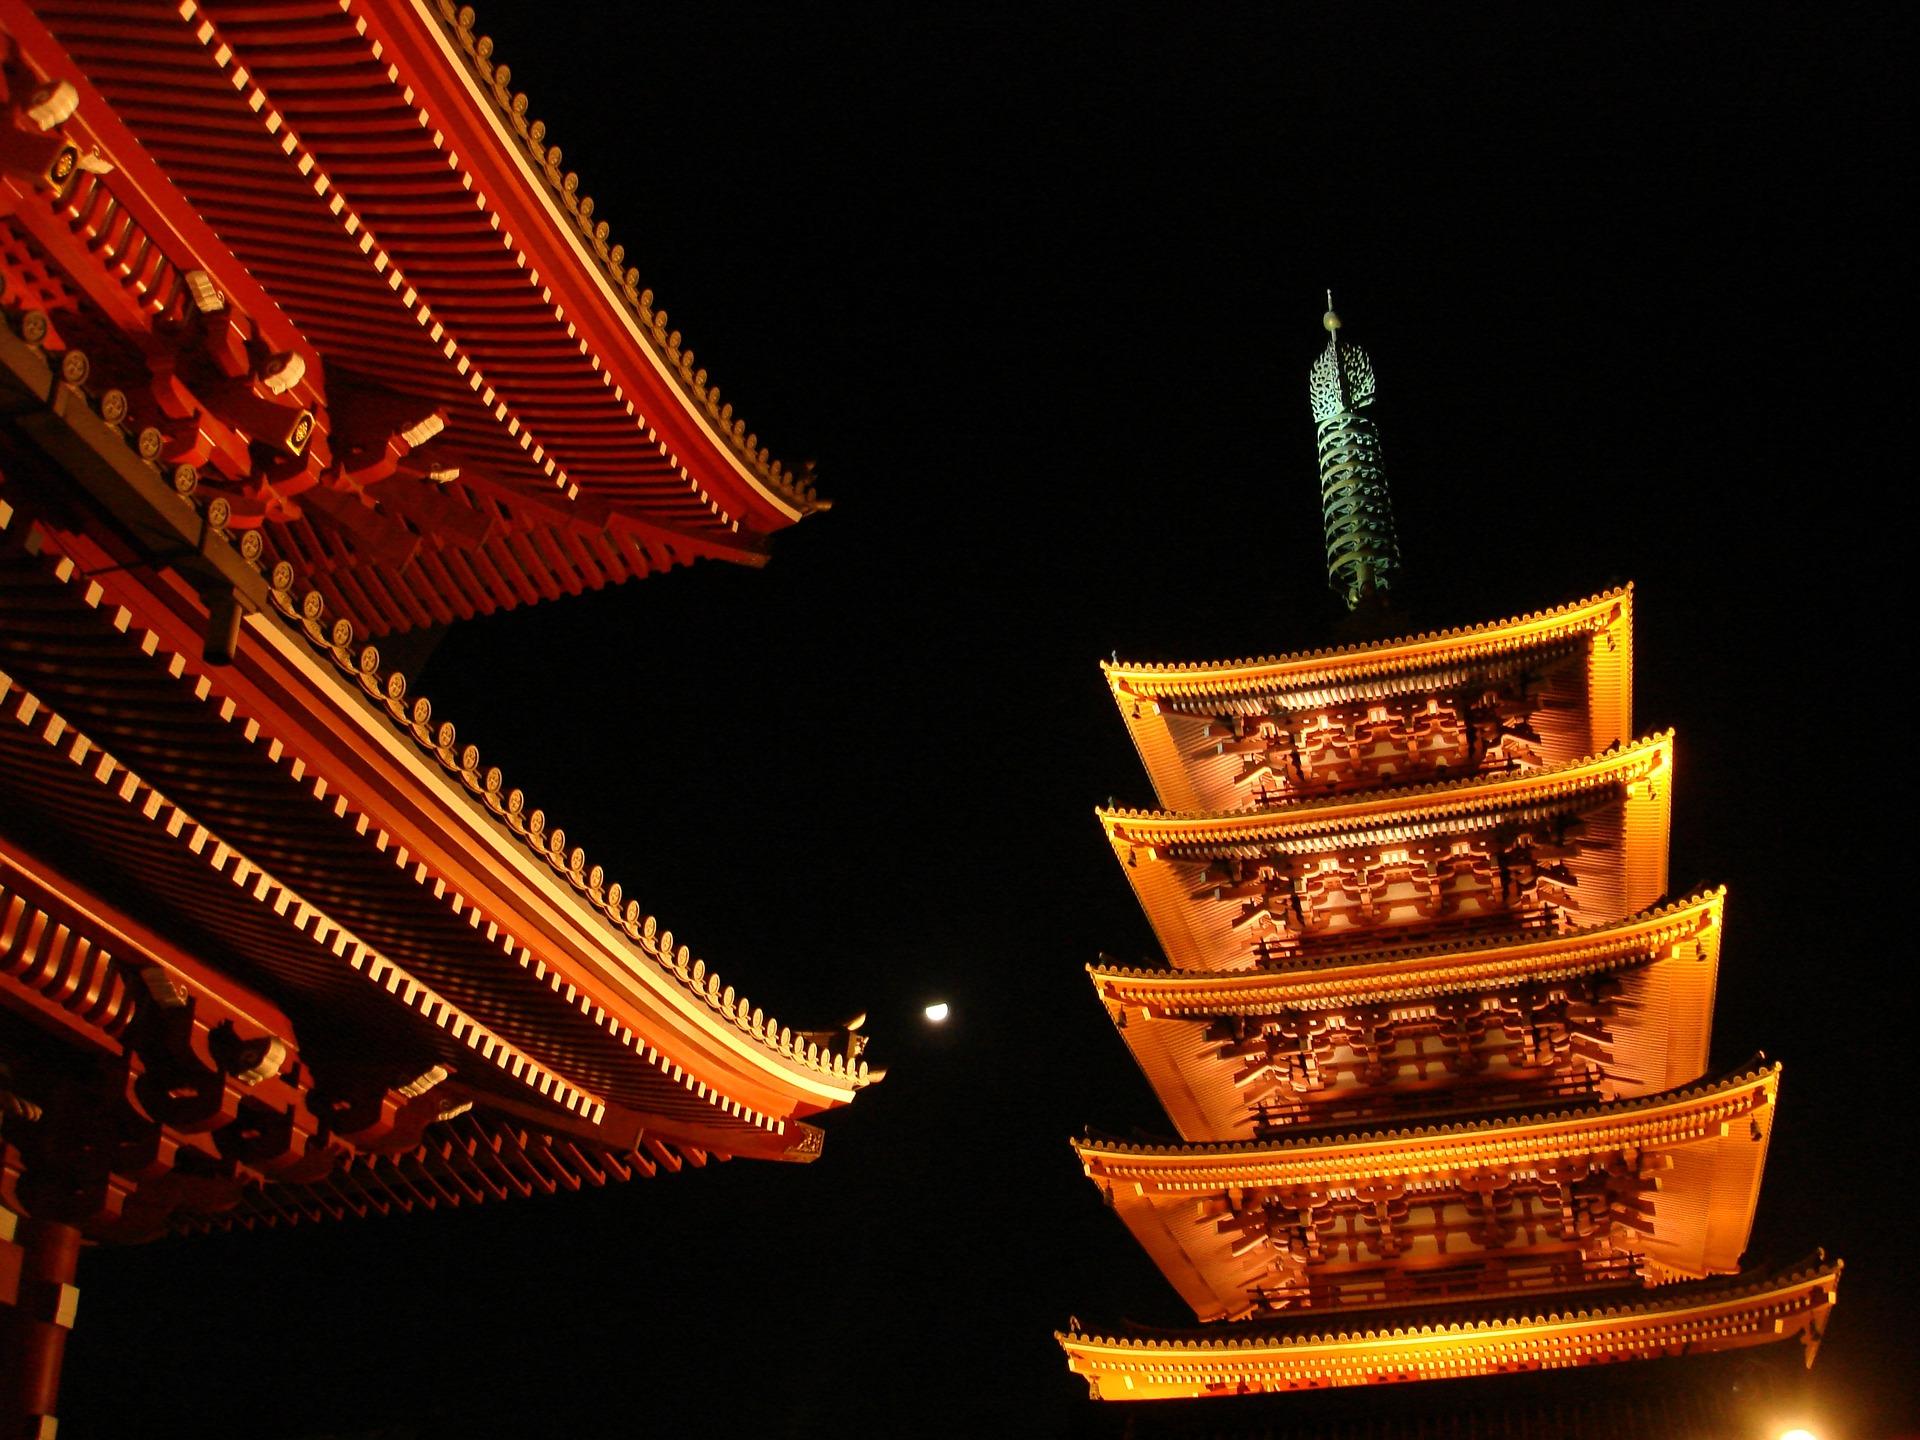 senso-ji-temple-827752_1920.jpg